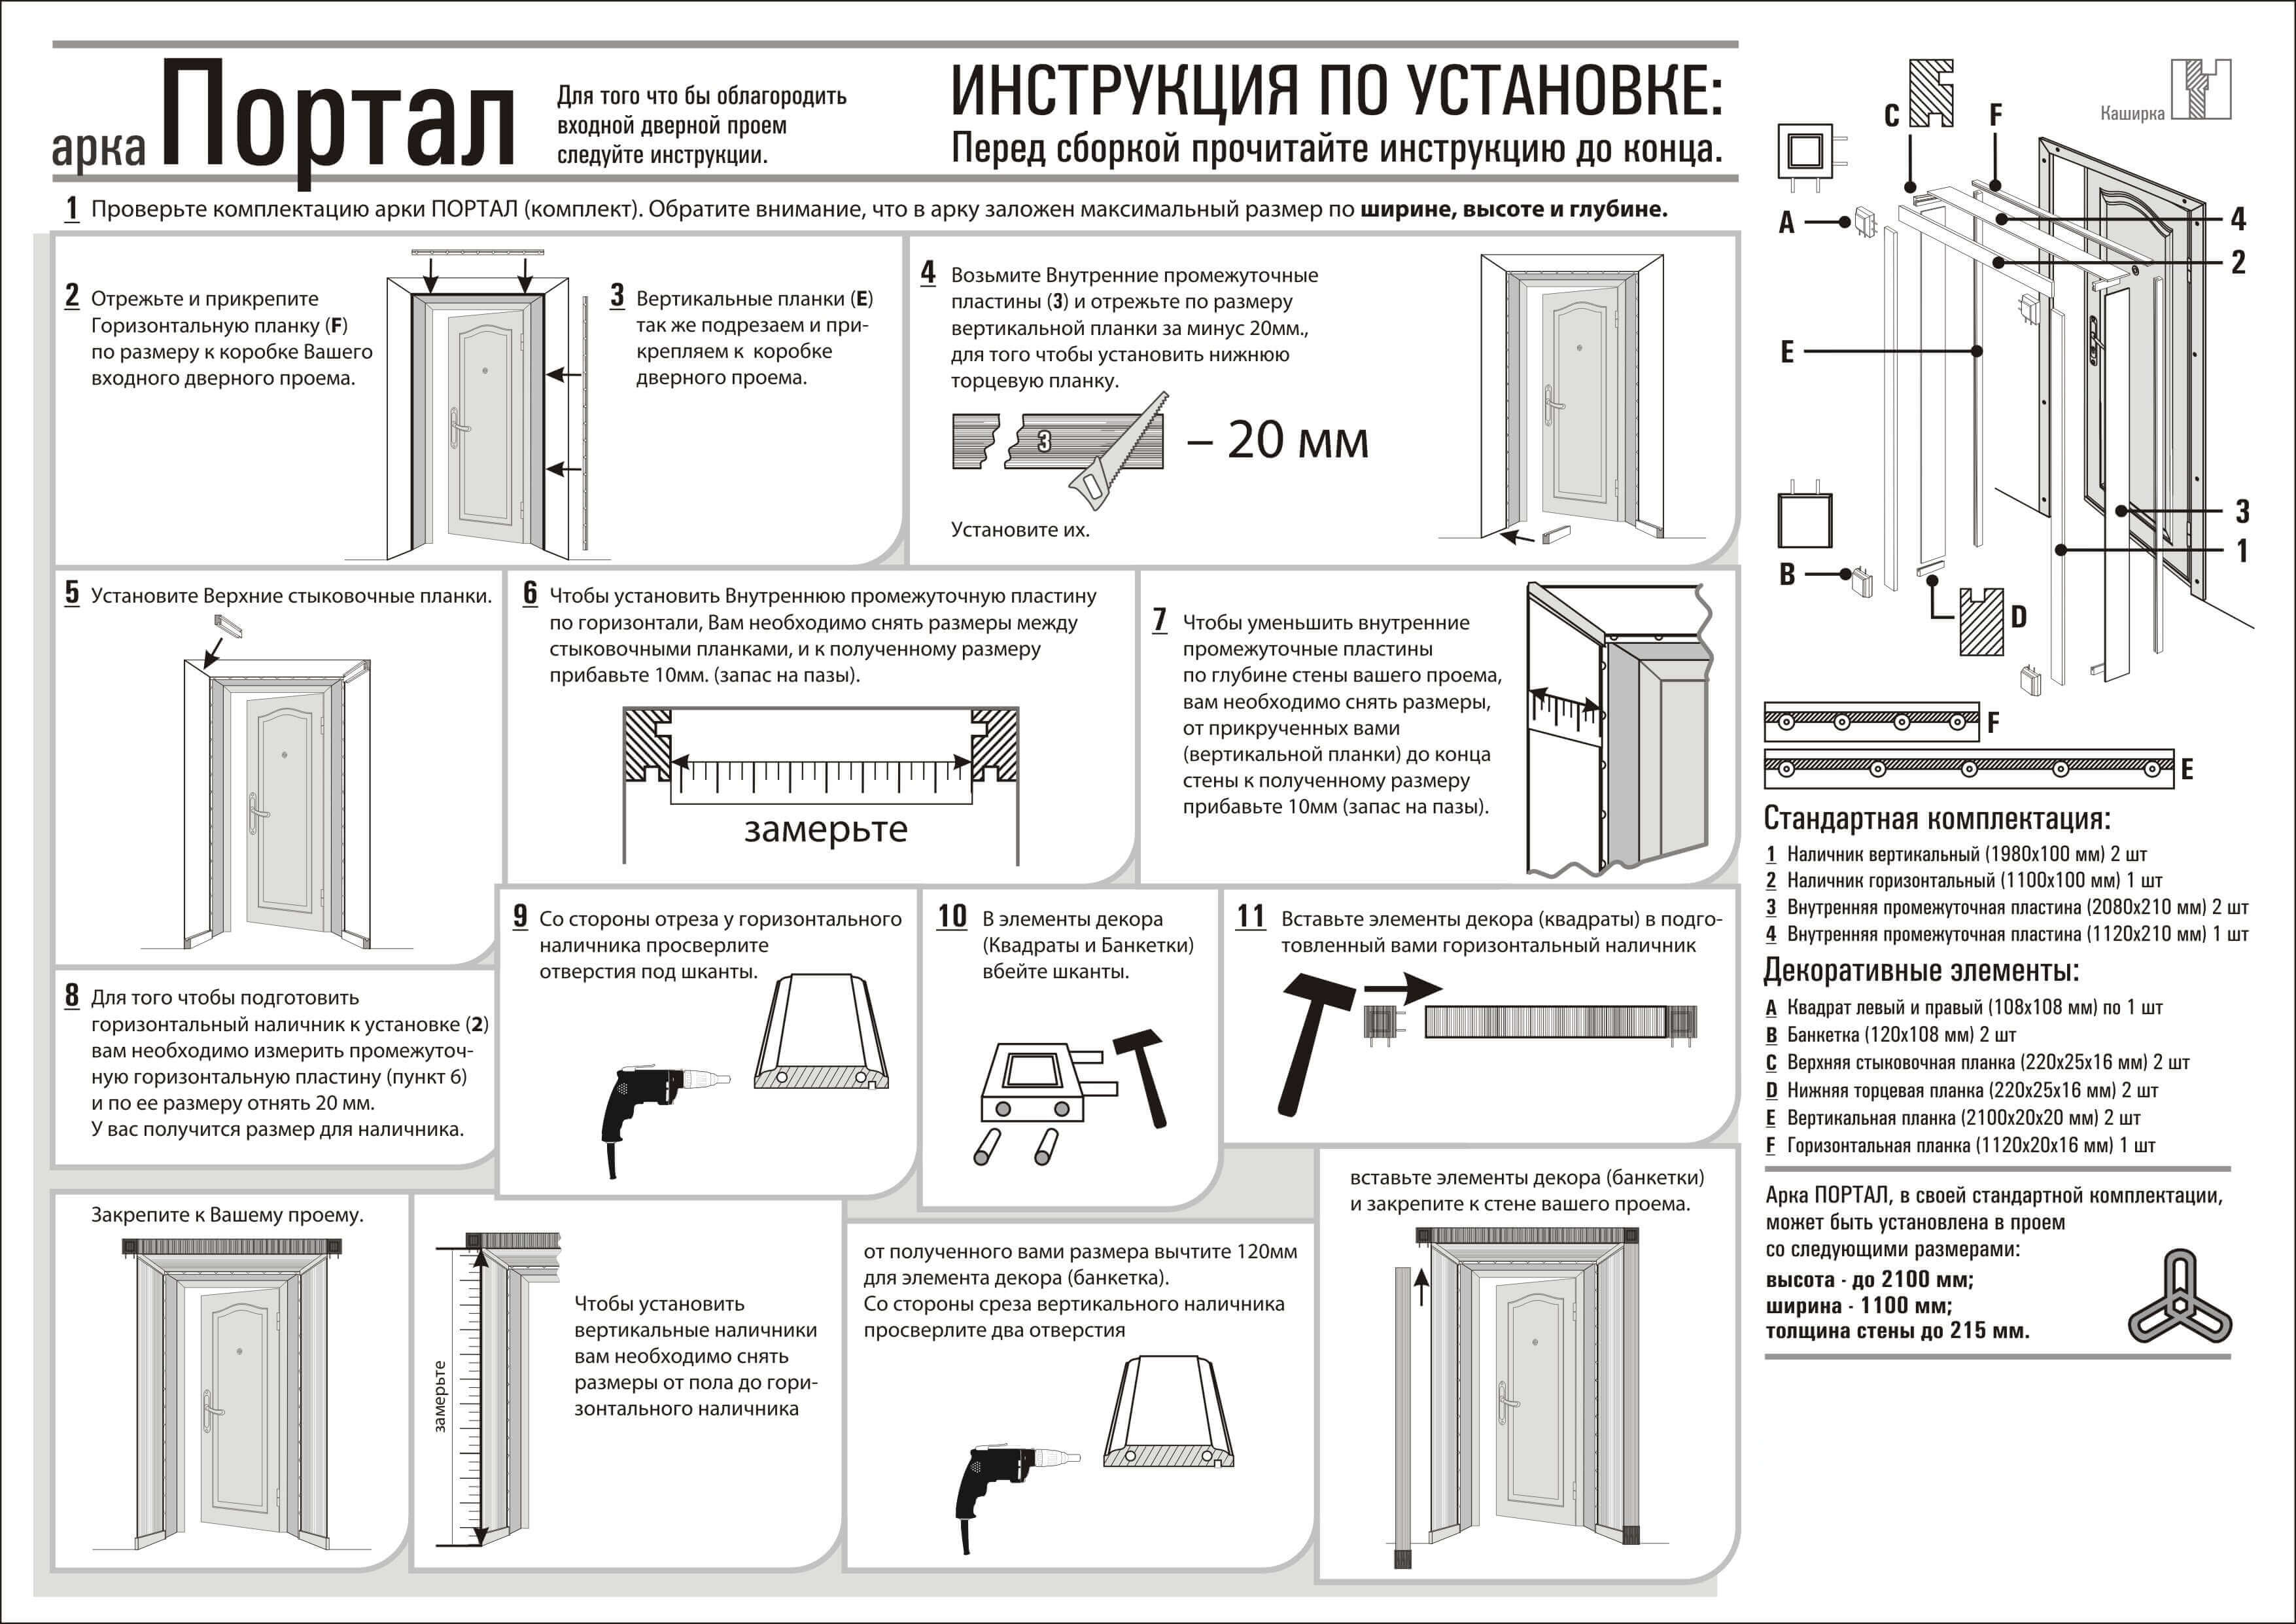 Инструкция по монтажу дверных откосов Портал